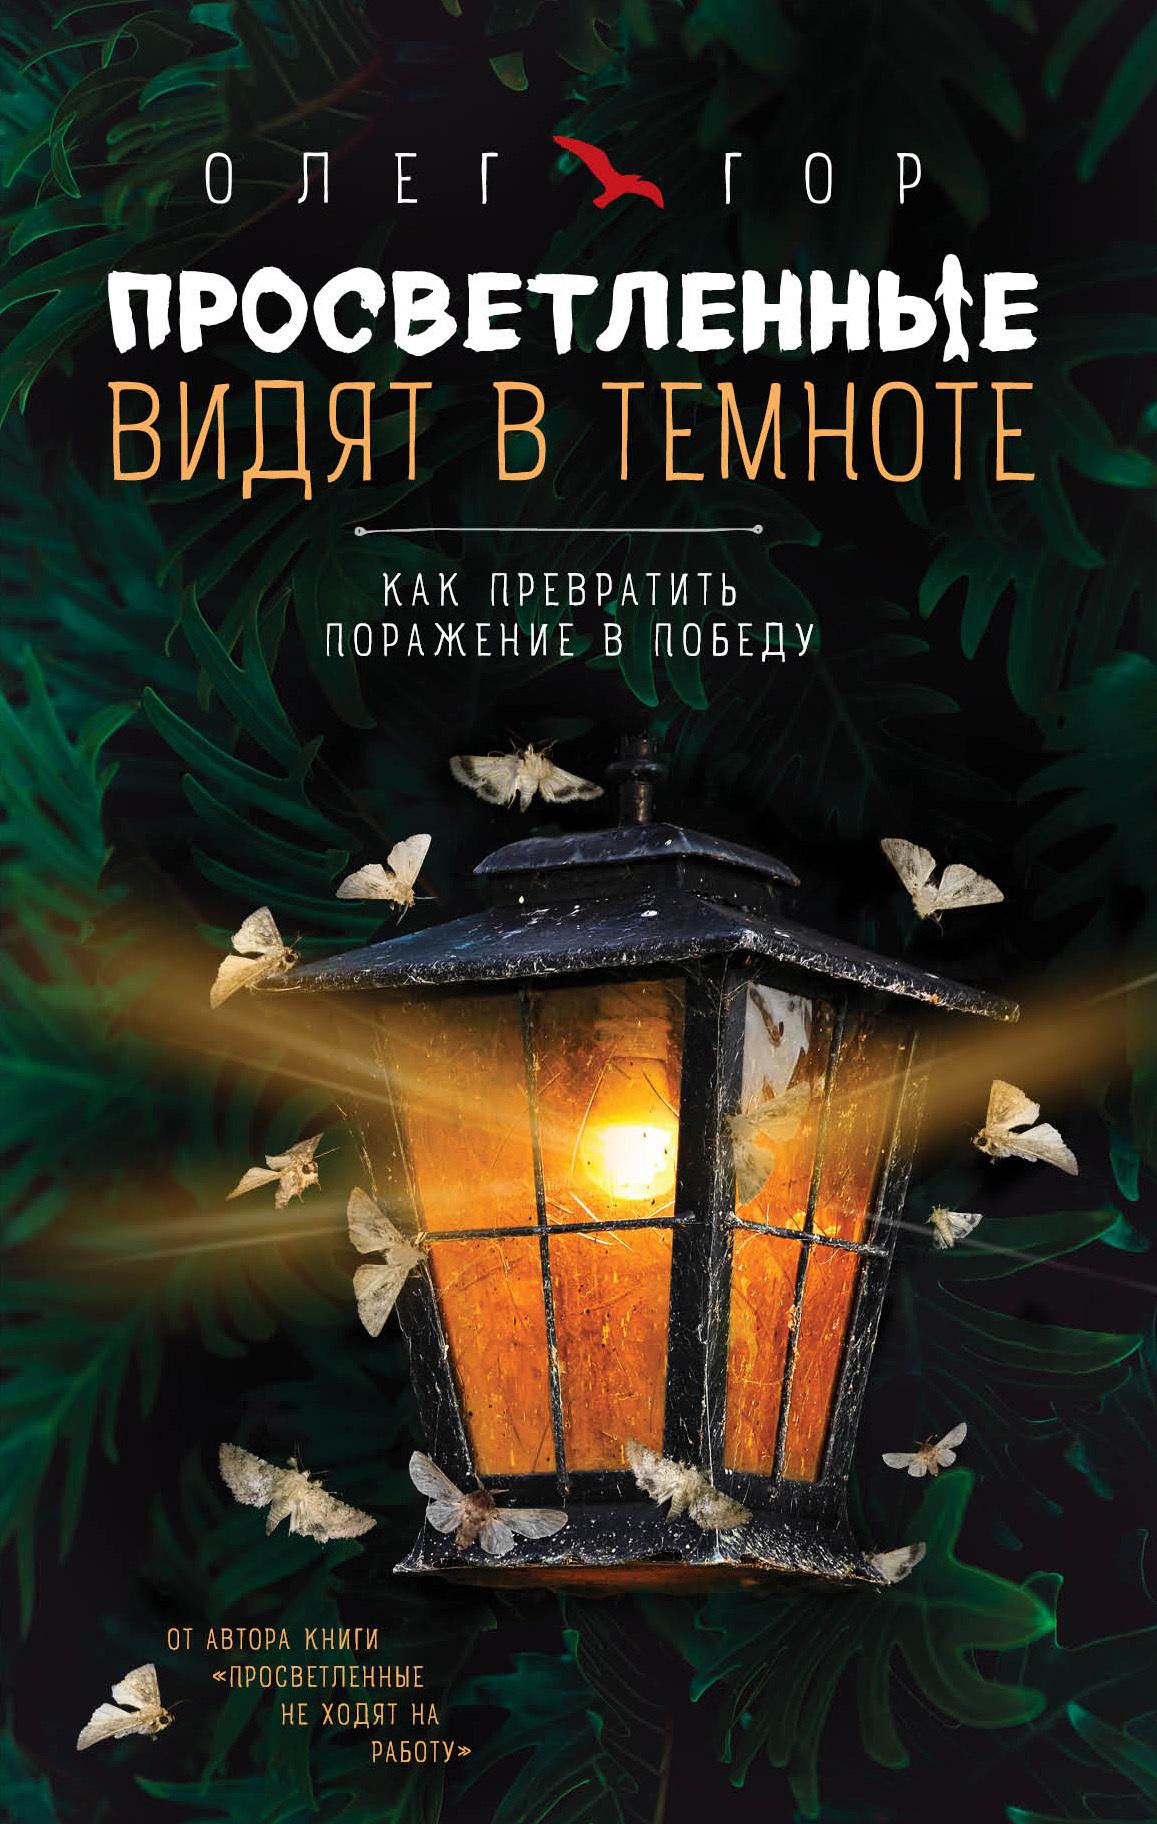 Олег Гор бесплатно